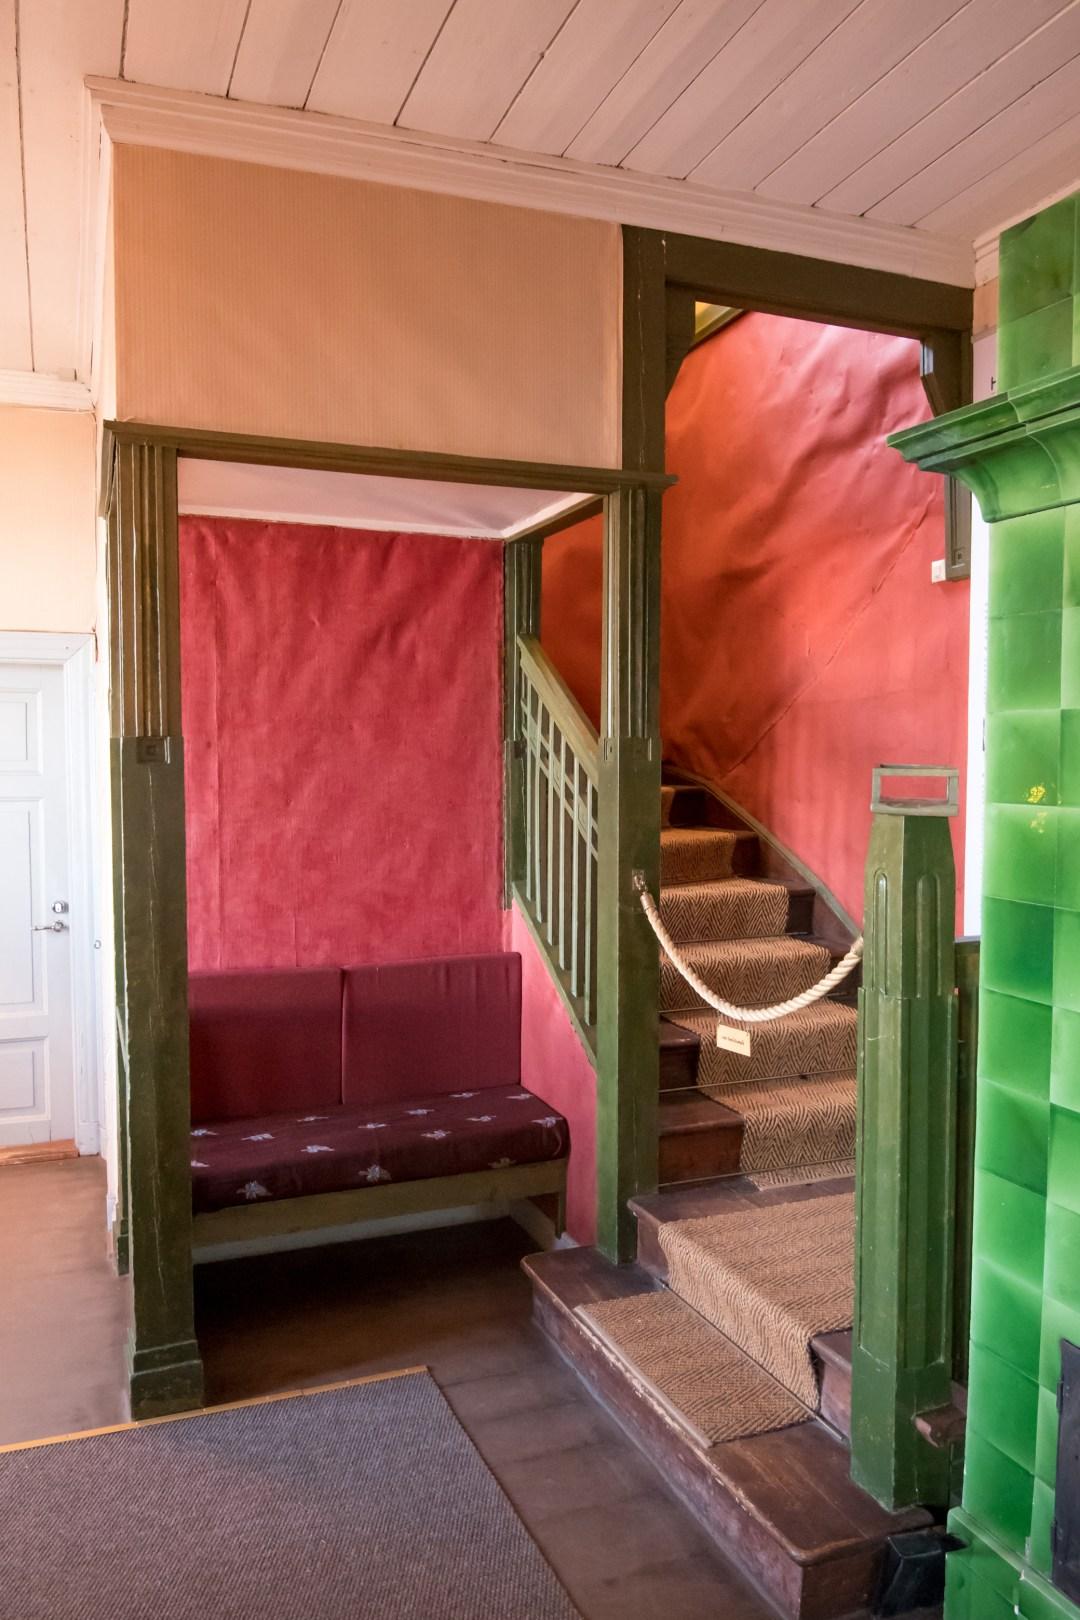 Rakastan tuota pientä syvennystä portaiden vieressä. Ihana paikka levähtää ja vaikka lukea kirjaa.